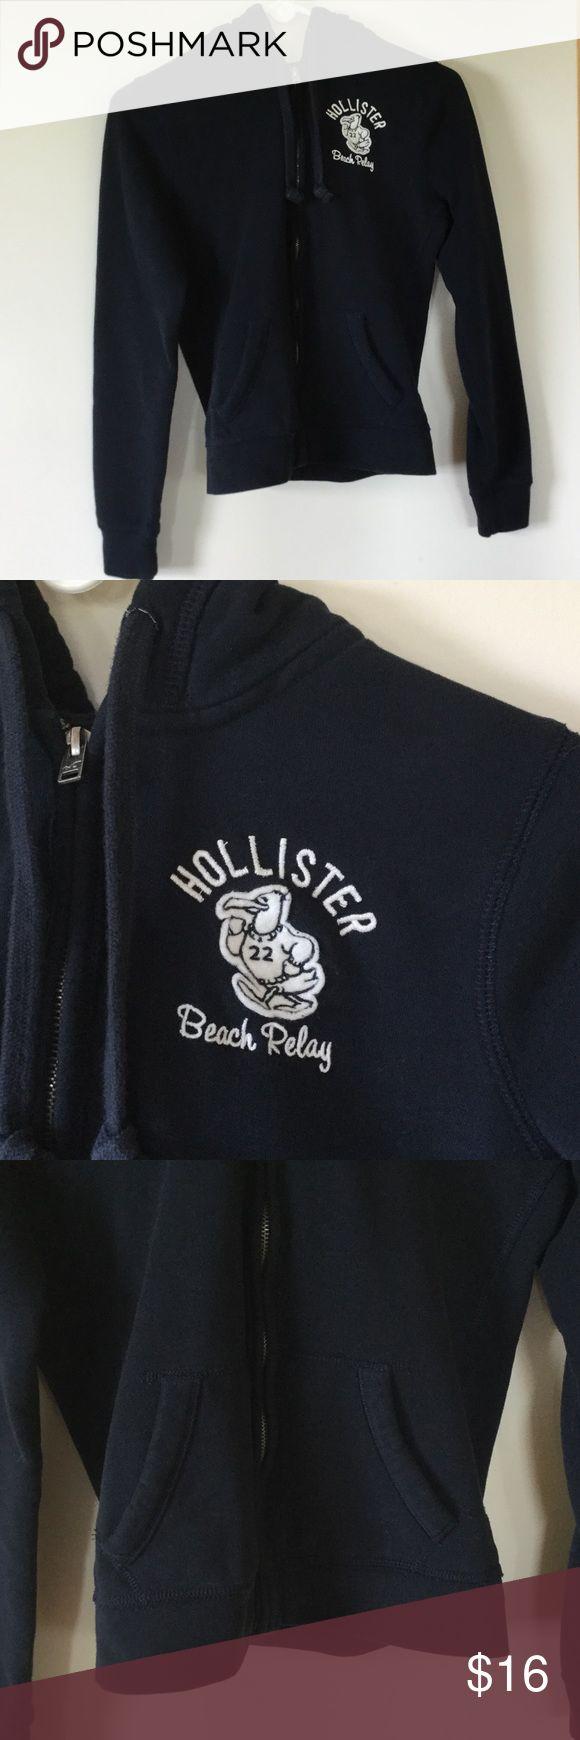 Hollister zip hoodie Navy blue full zip hoodie by Hollister Hollister Tops Sweatshirts & Hoodies